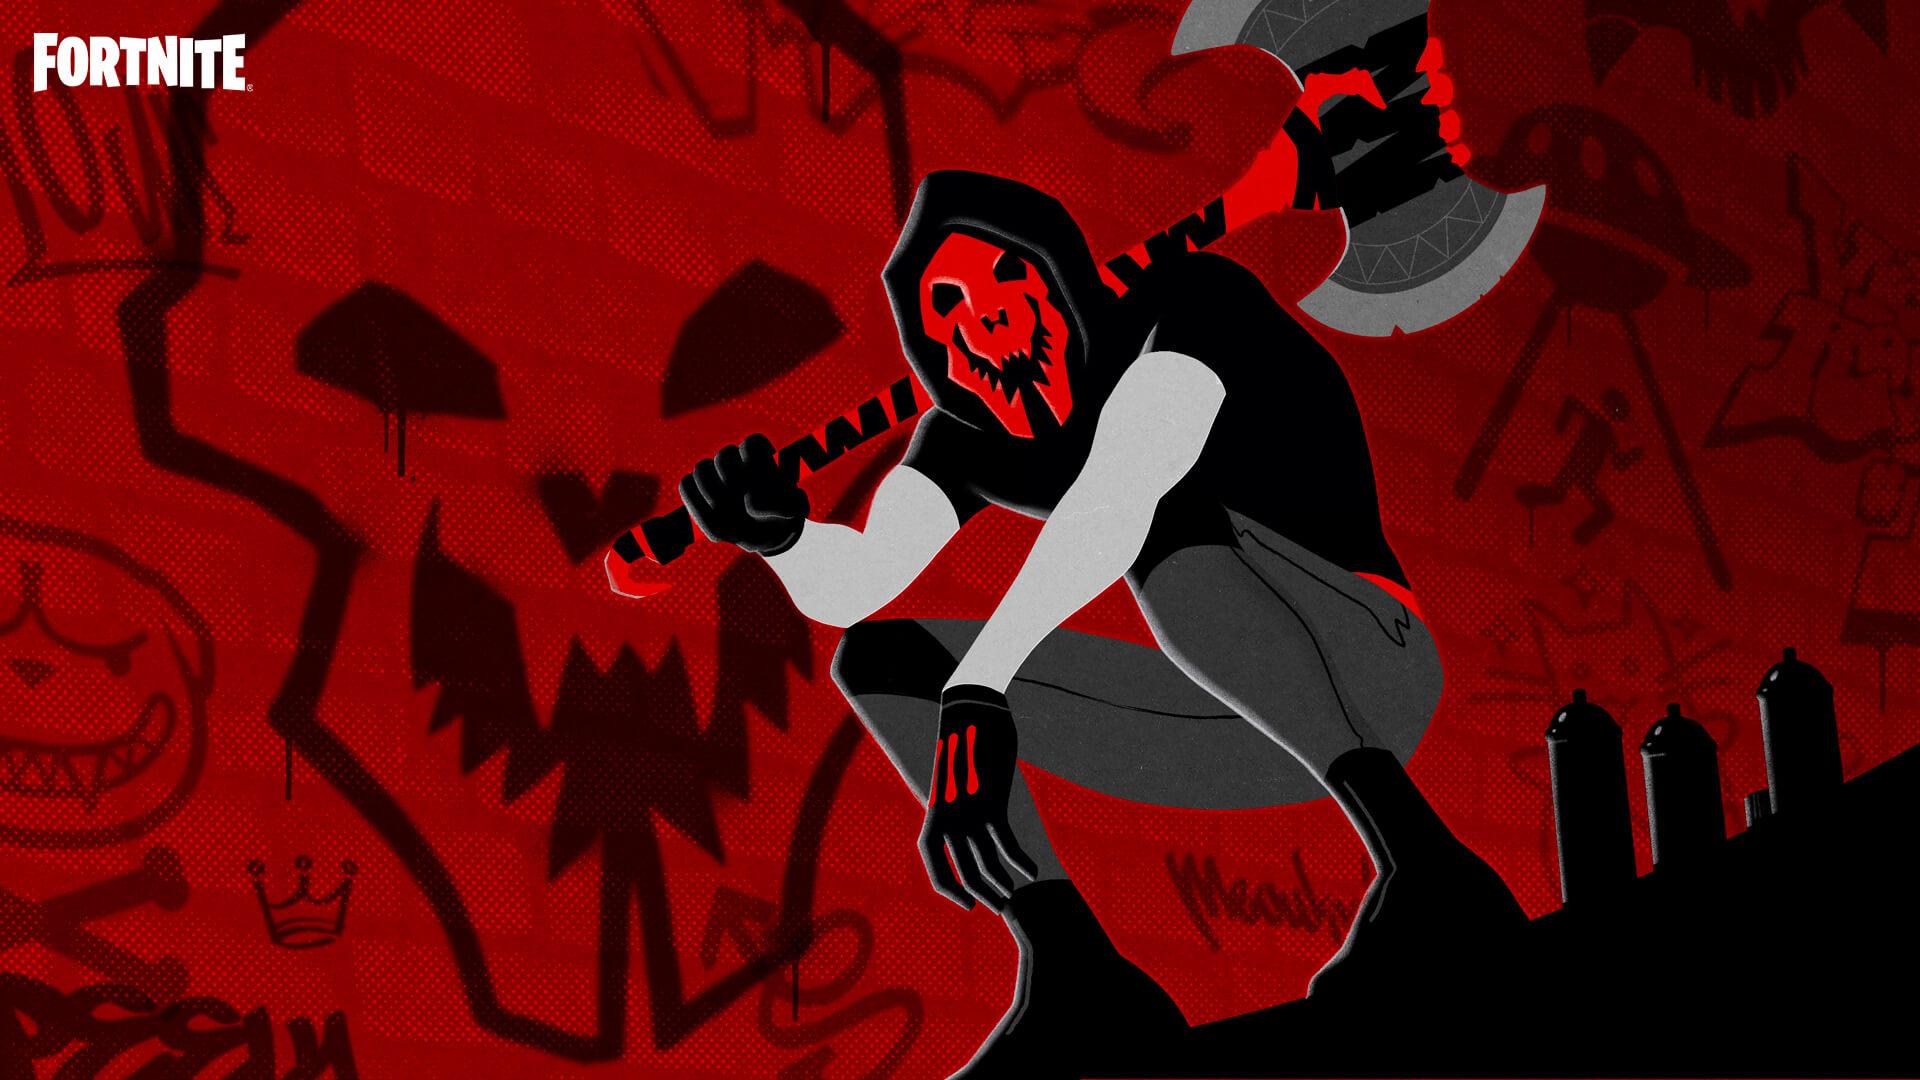 [Image: fortnite-skull-stalker-loading-screen-19...e07766.jpg]